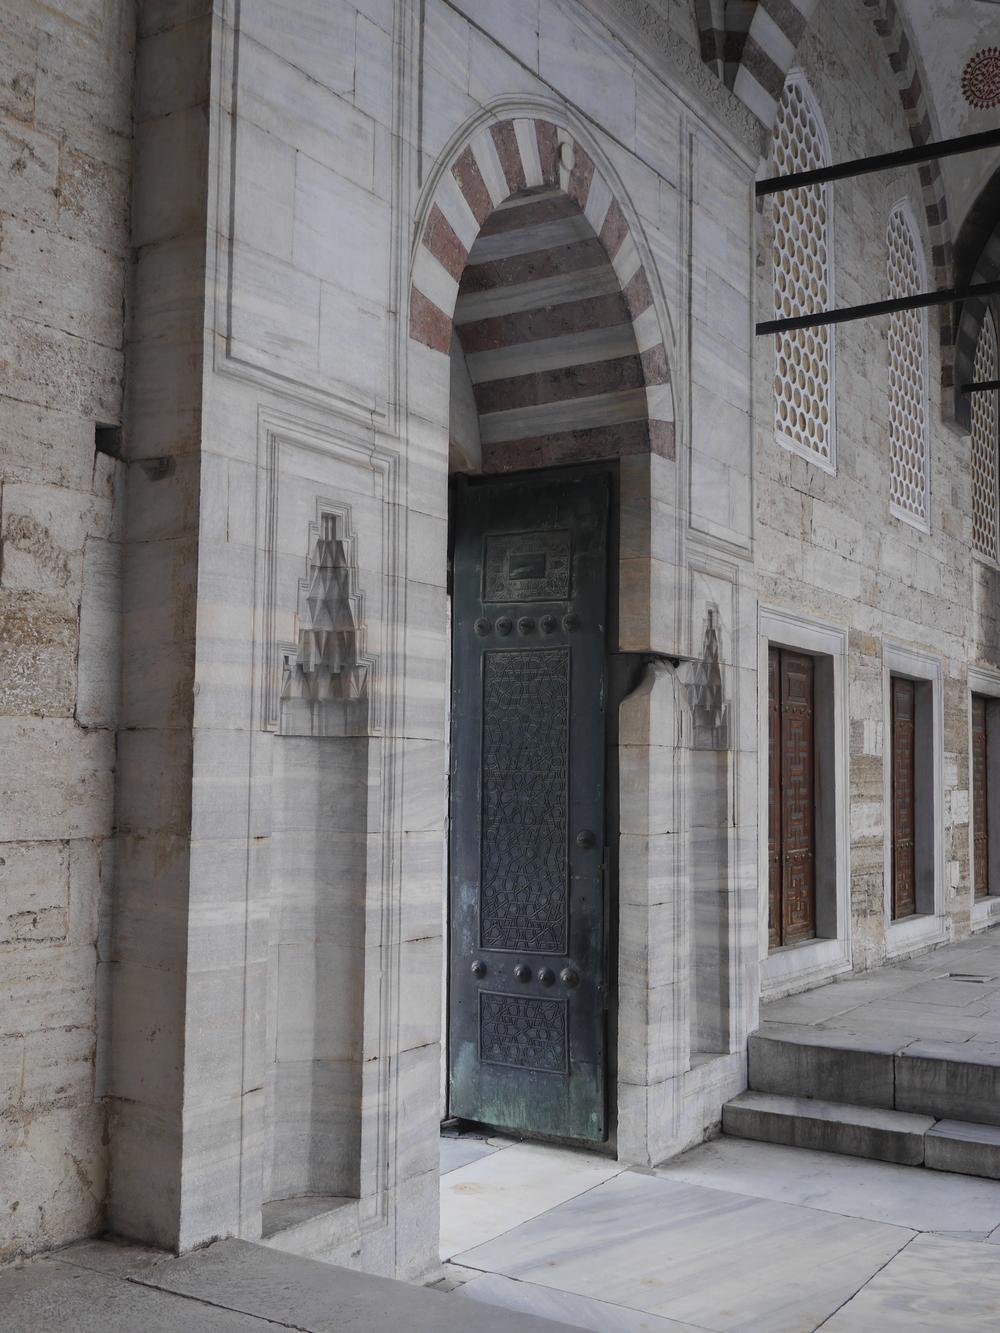 A doorway in the courtyard.